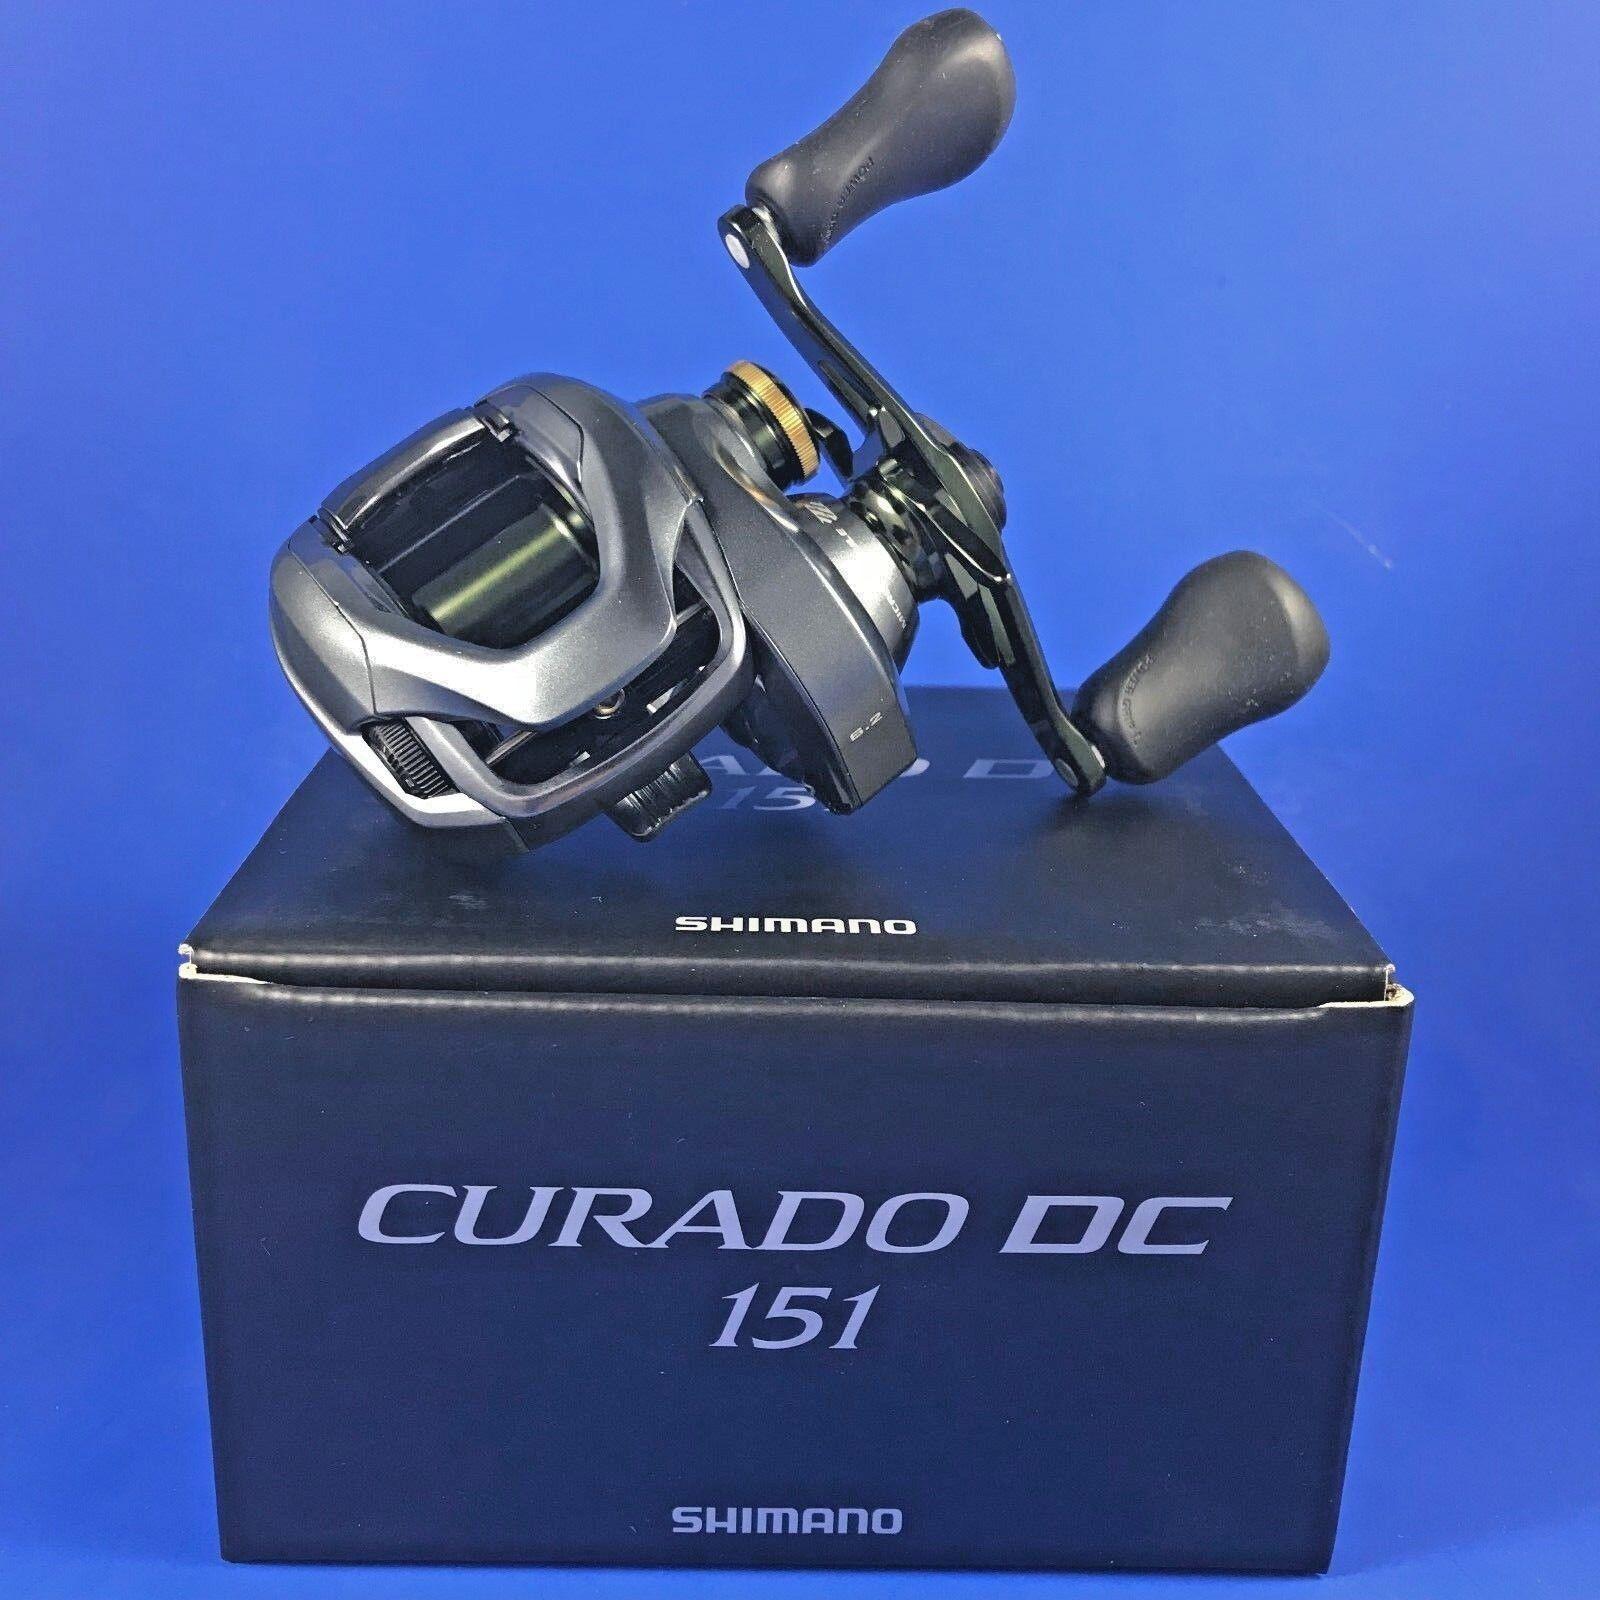 Shimano Curado DC 151 // CUDC151 // Baitcasting Reel (Left 2018 Hand) NEW 2018 (Left Model a2b756